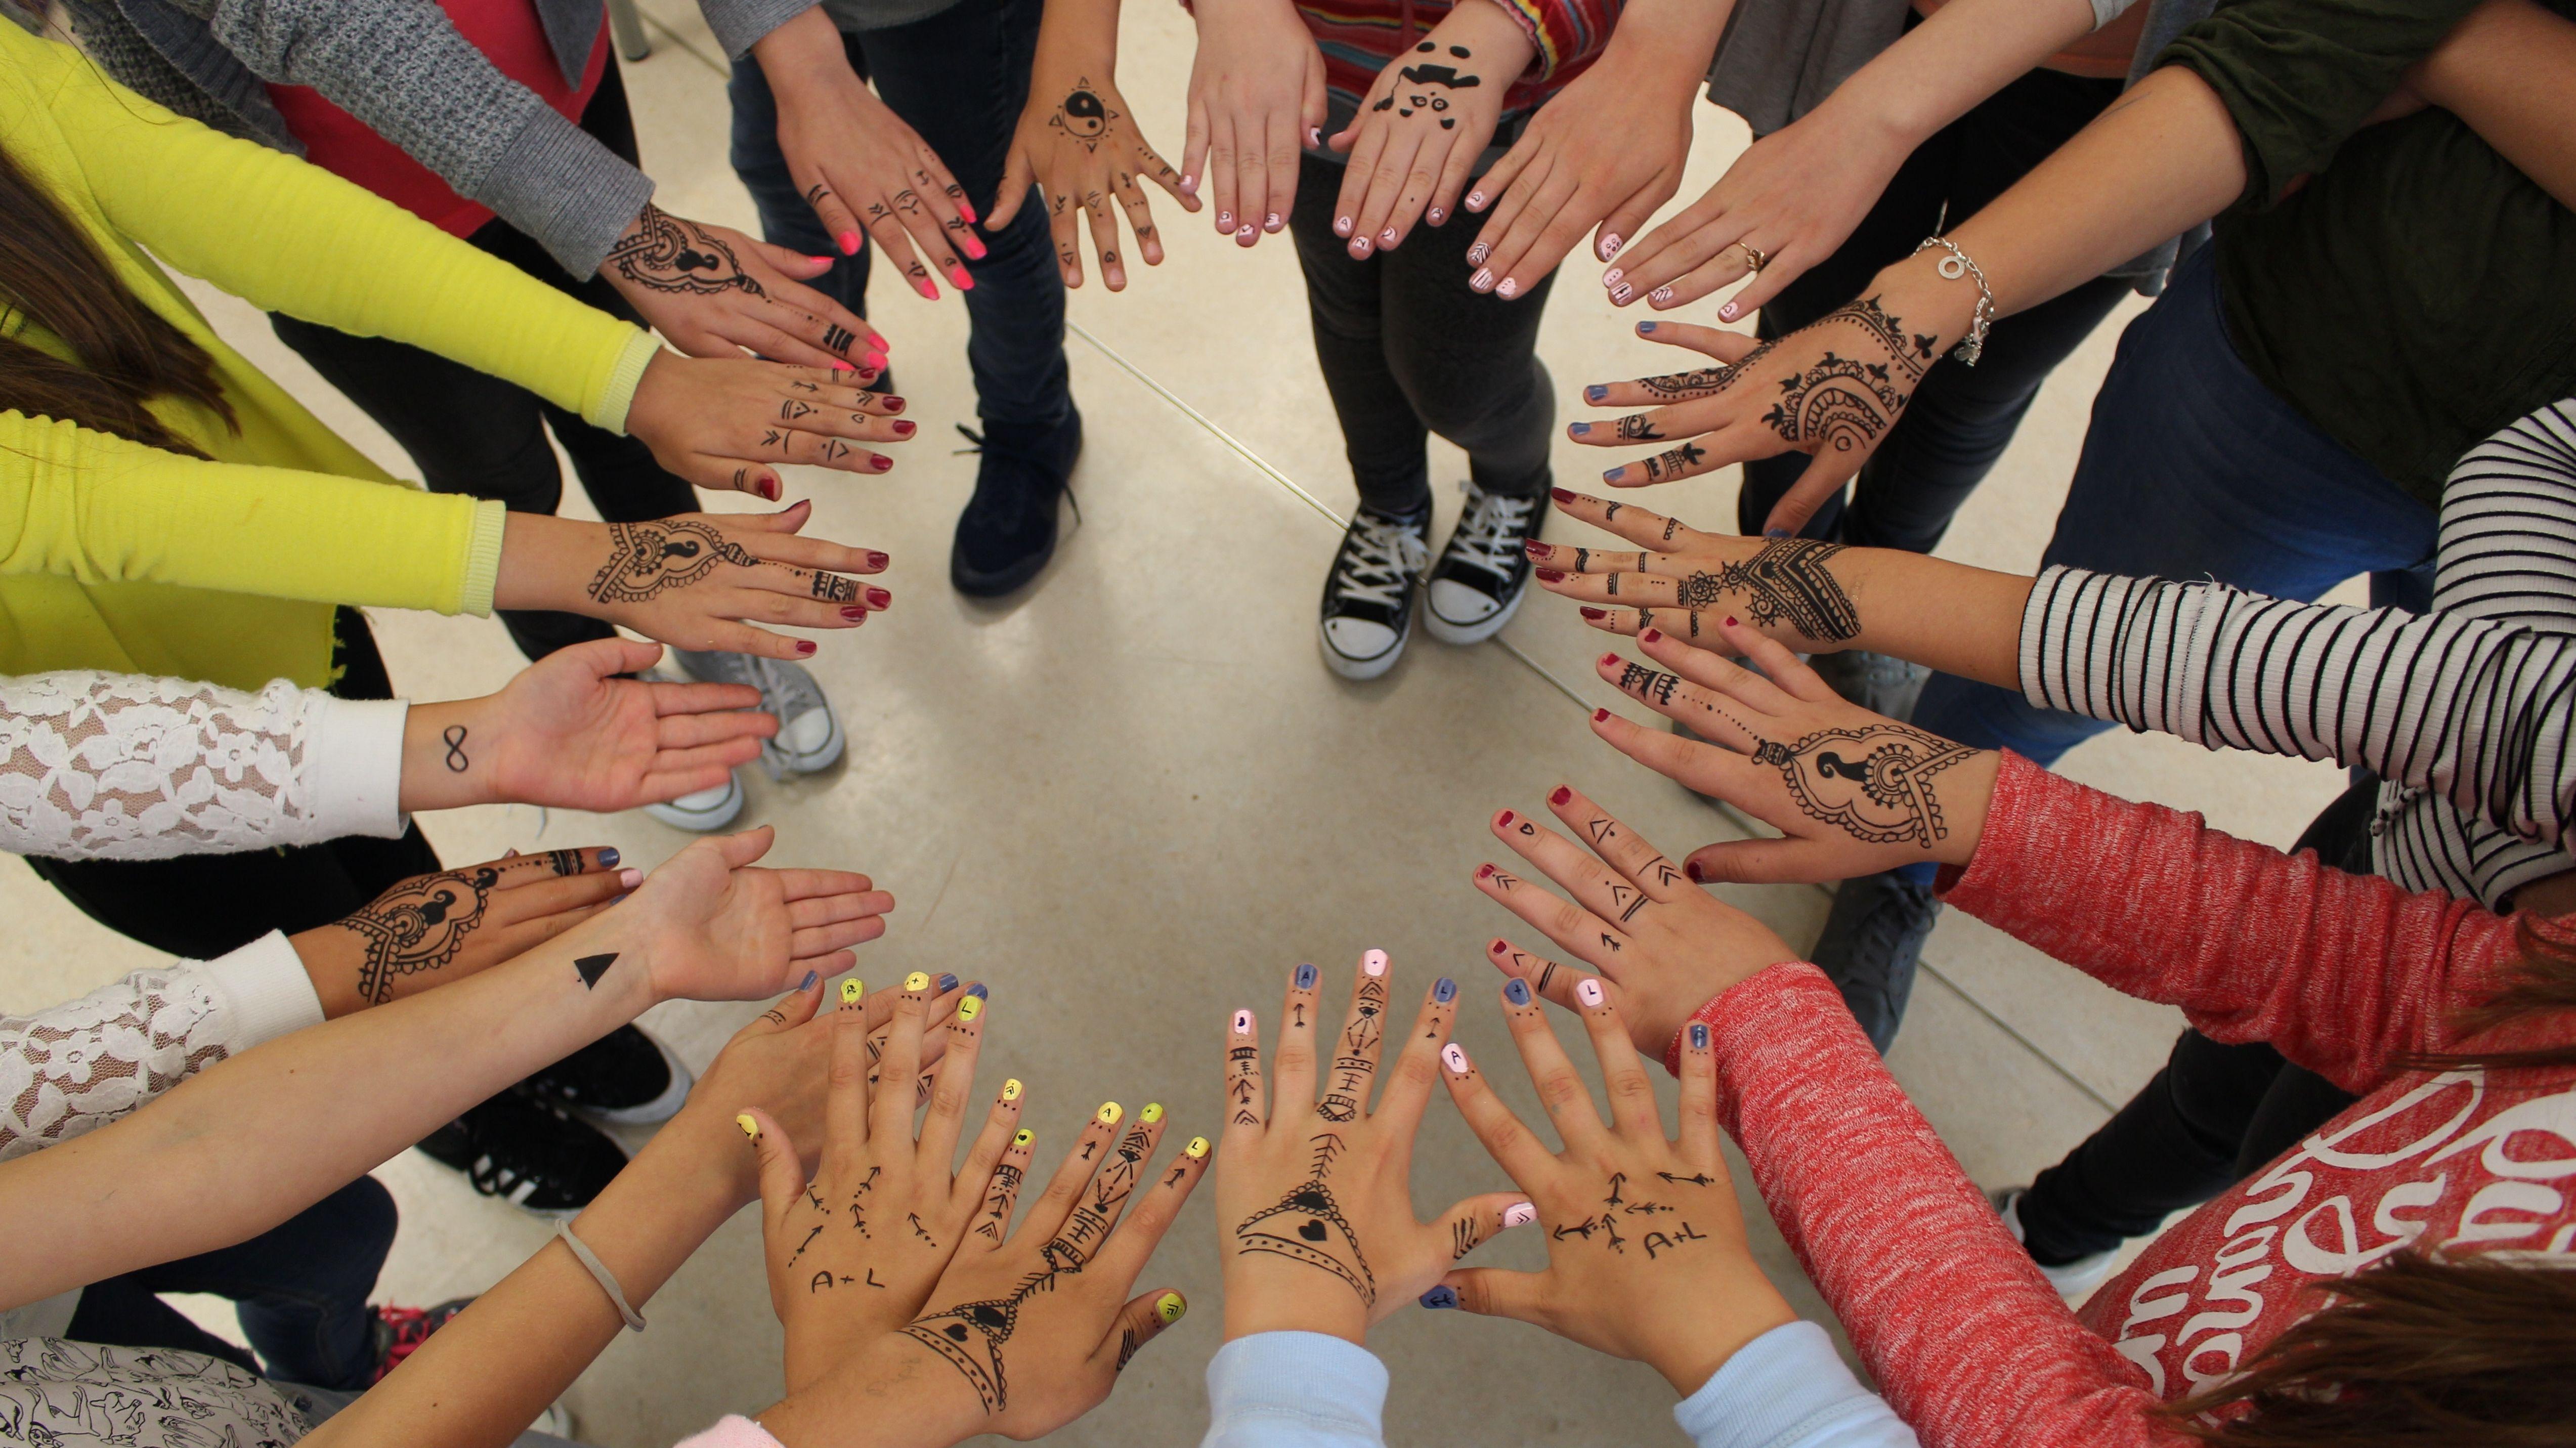 Bemalte Hände von Jugendlichen, die in einem Kreis stehen